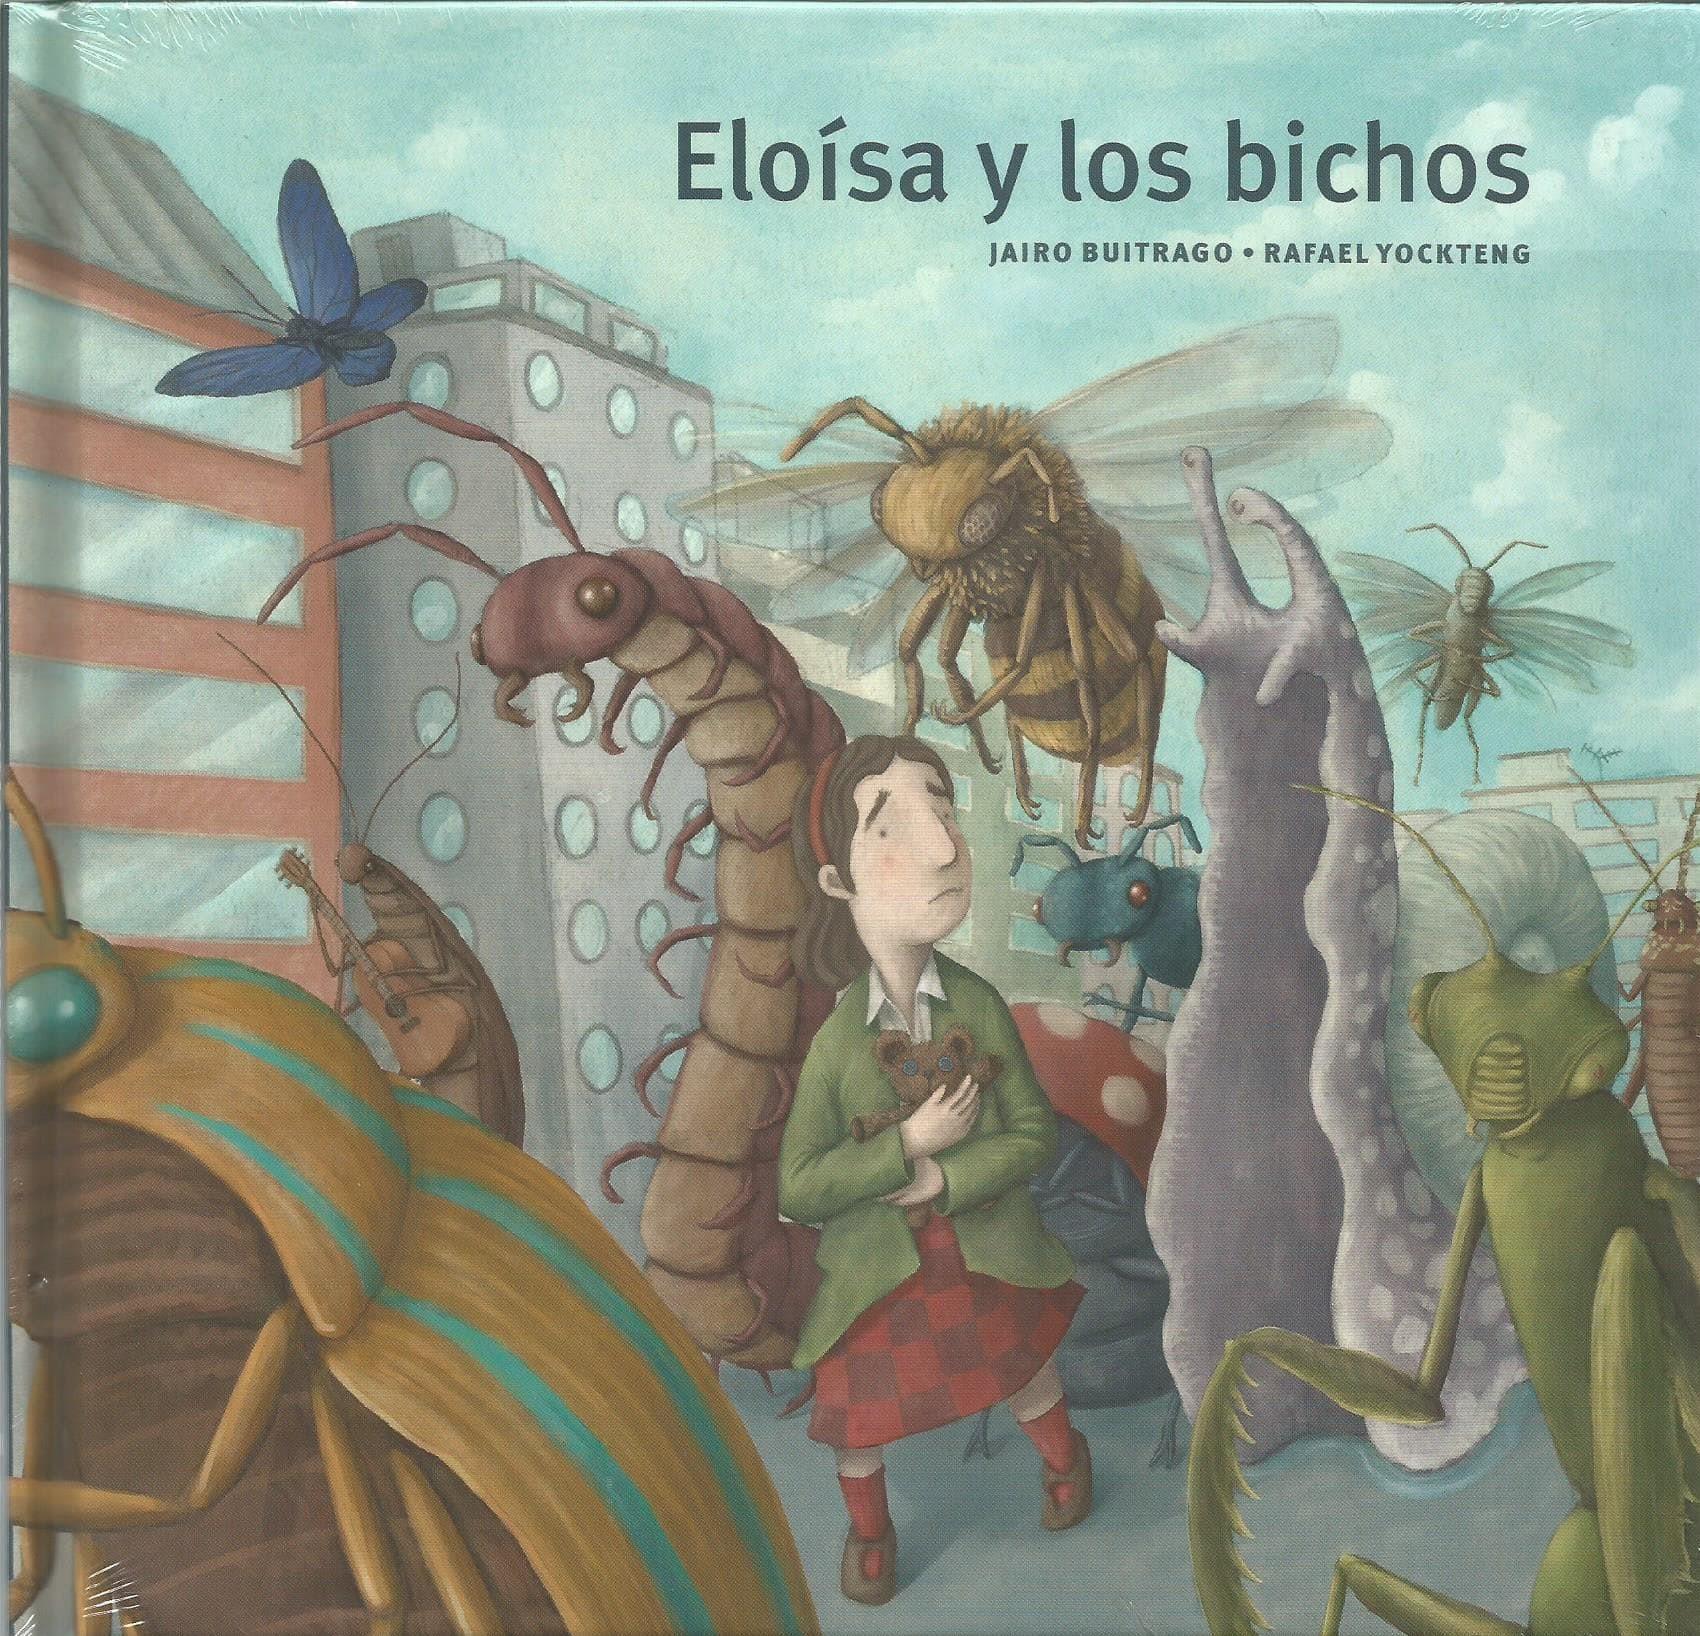 ibros-sobre-migracion-eloisa-y-los-bichos